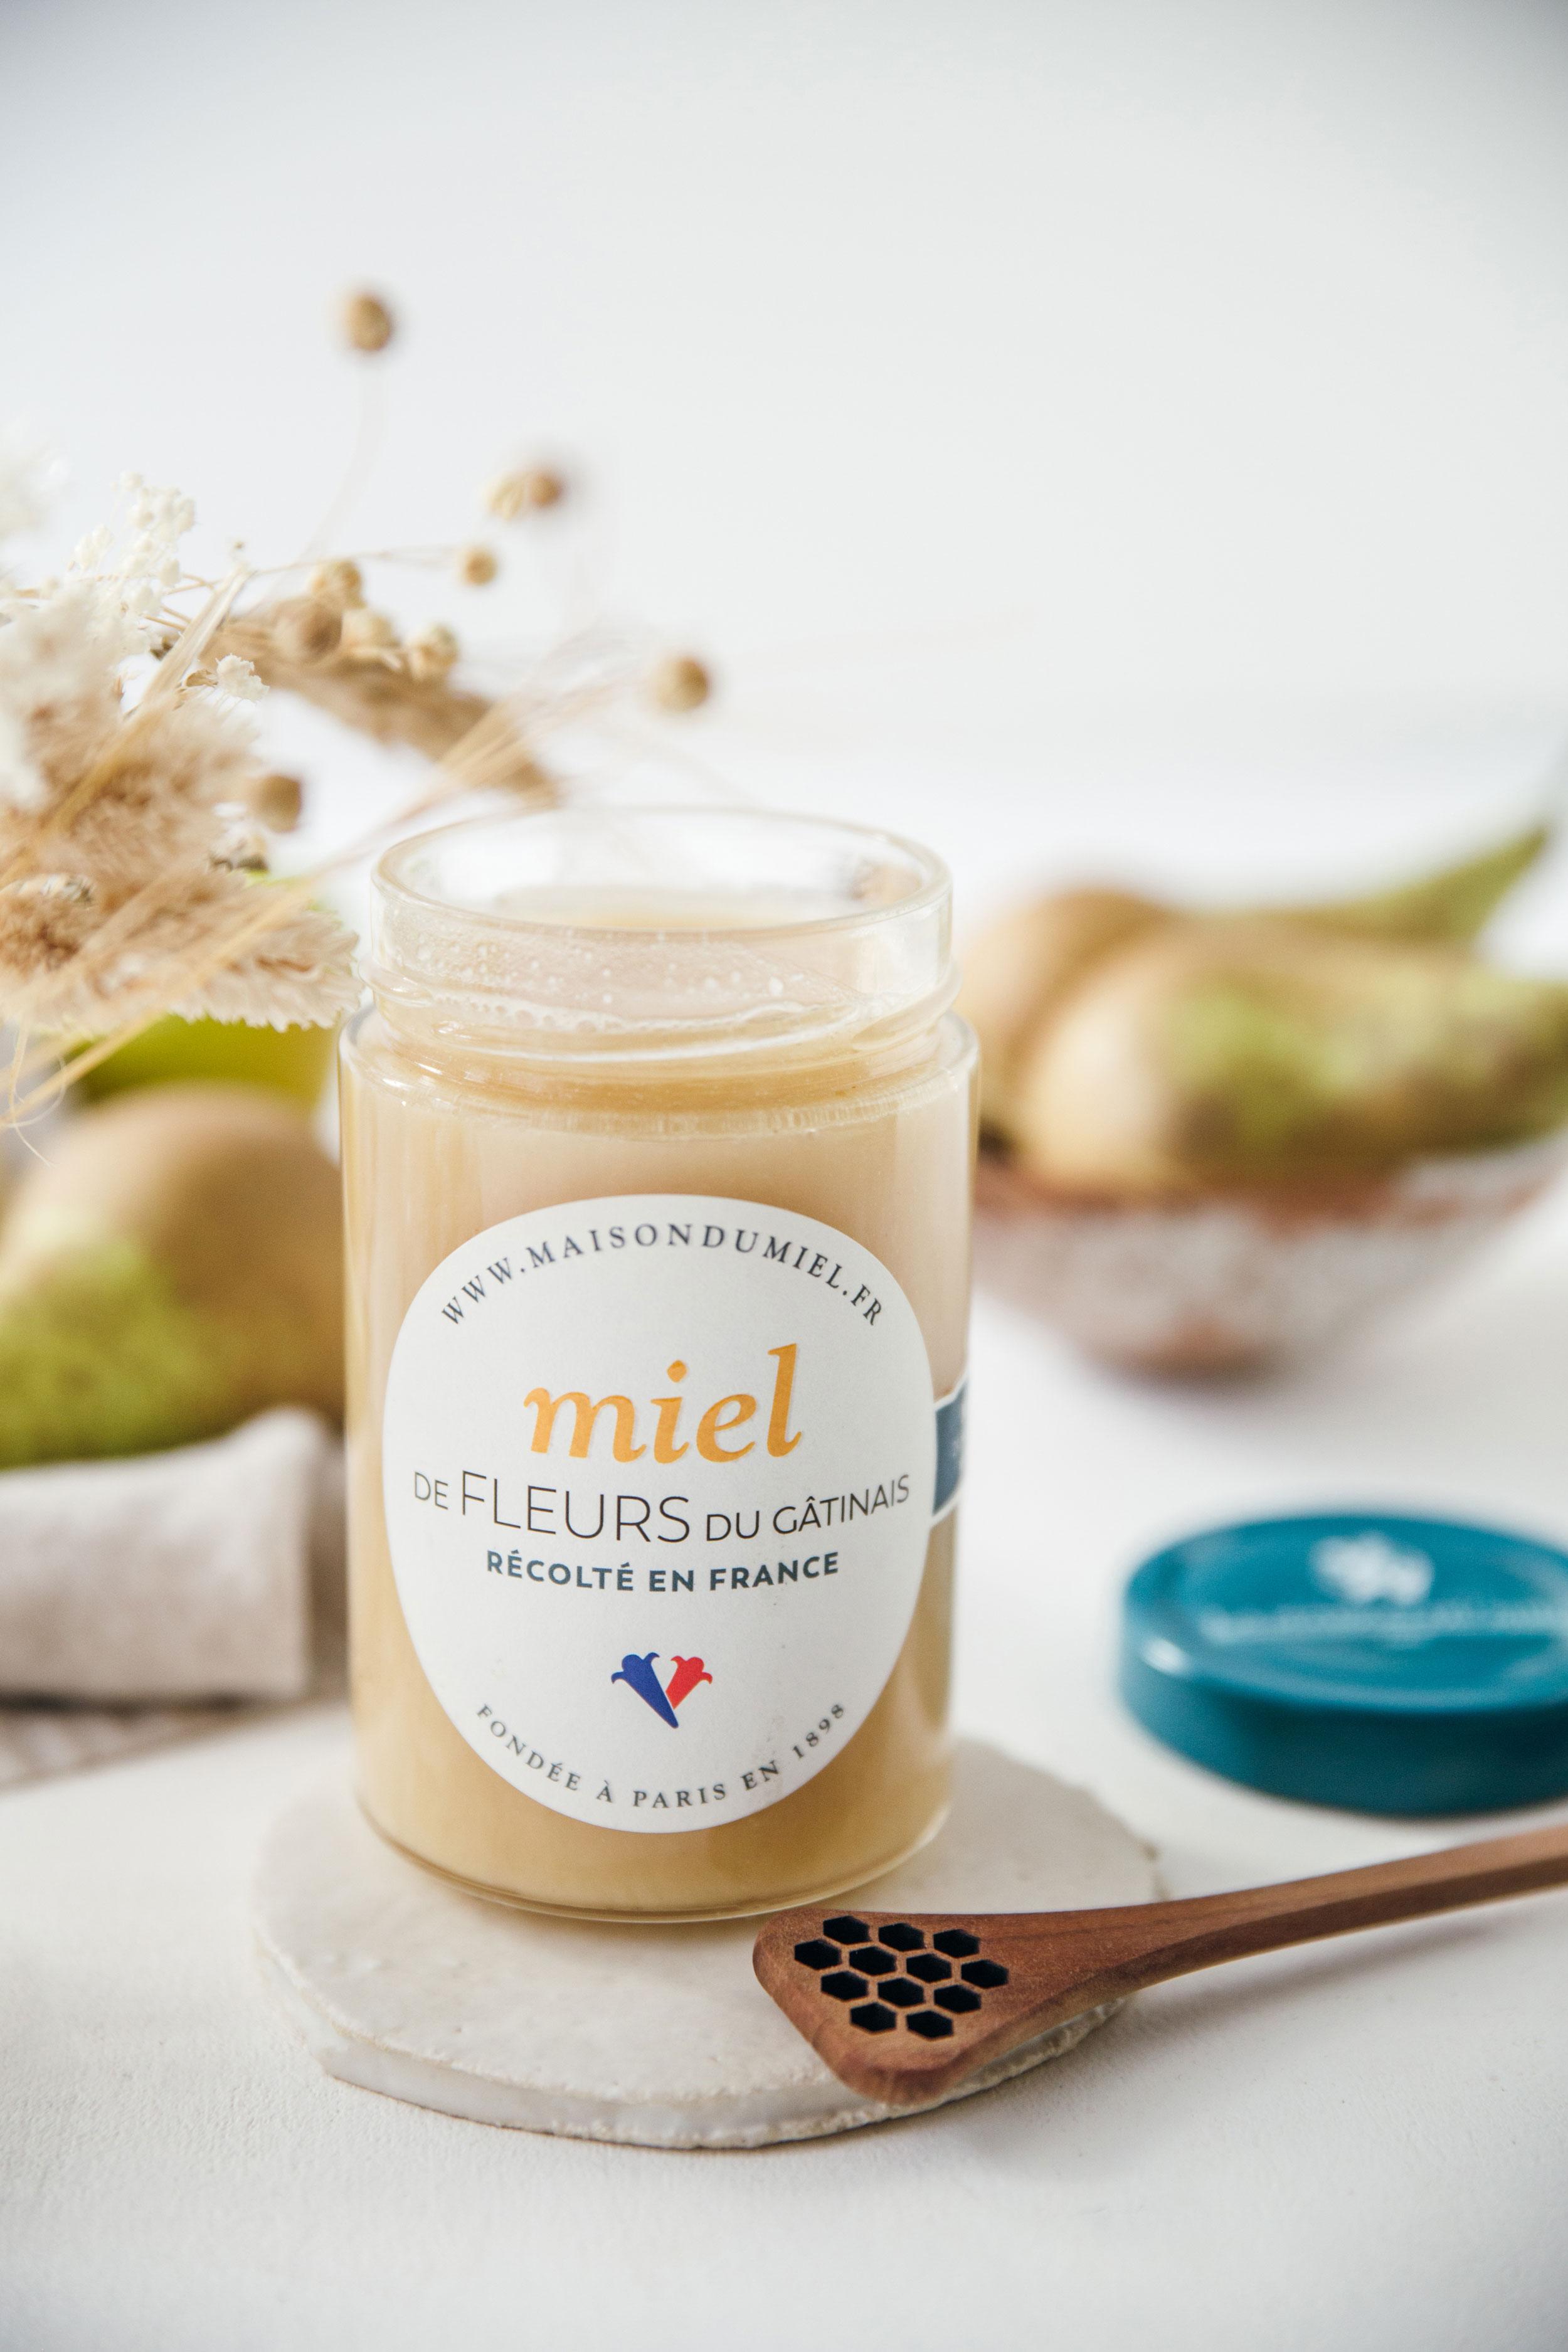 Miel de Fleurs du Gâtinais Origine France   La Maison du Miel